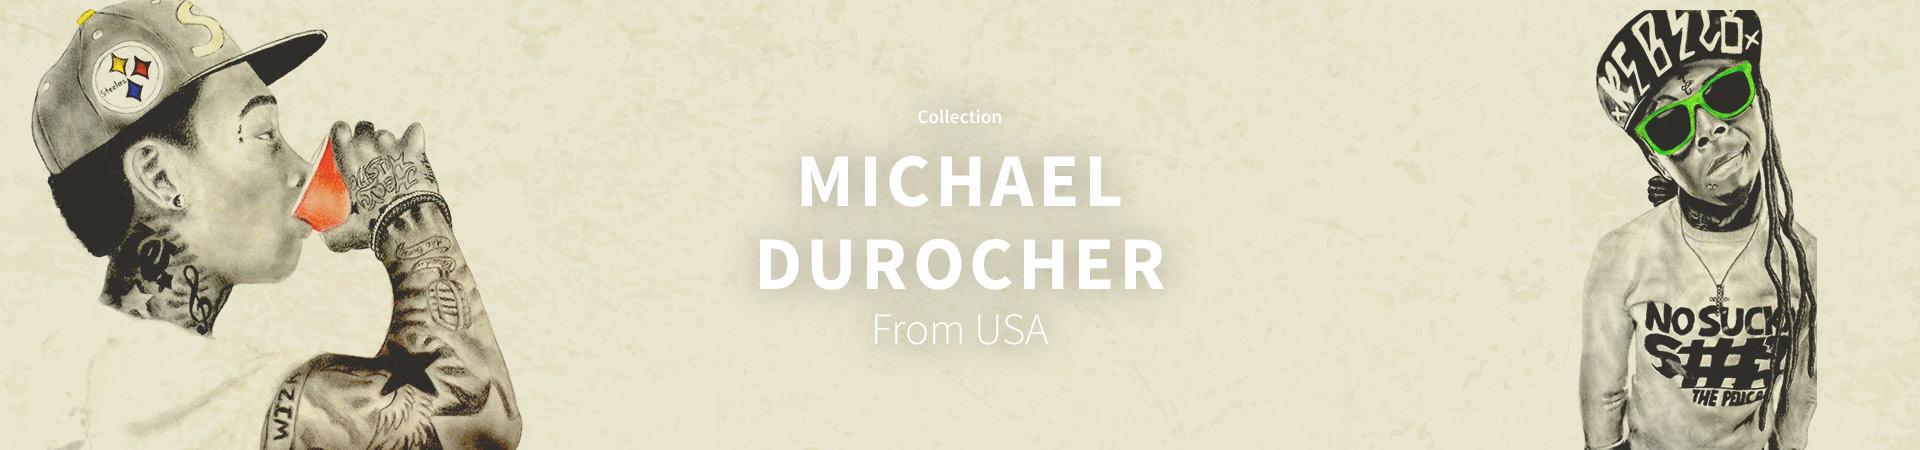 Michael Durocher